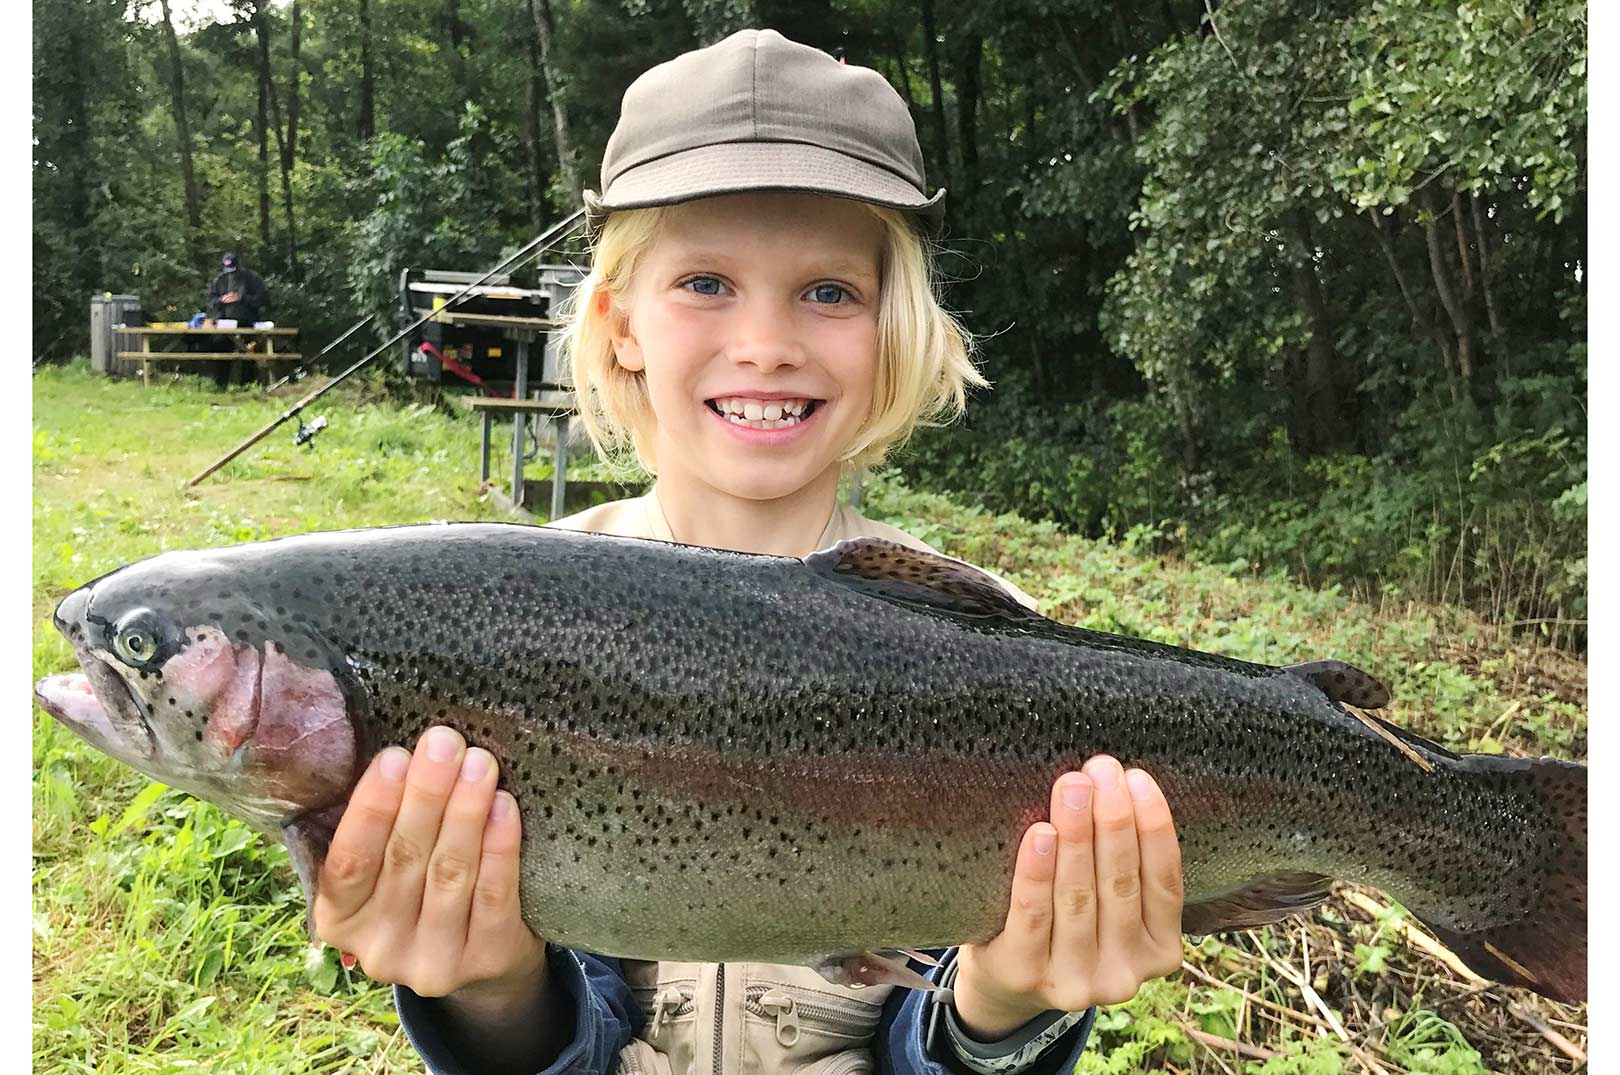 Sebastian udfiskede sin far totalt - her er en af de fisk der måtte bide i græsset. Tillykke med præmien, som du vil få tilsendt snarest.